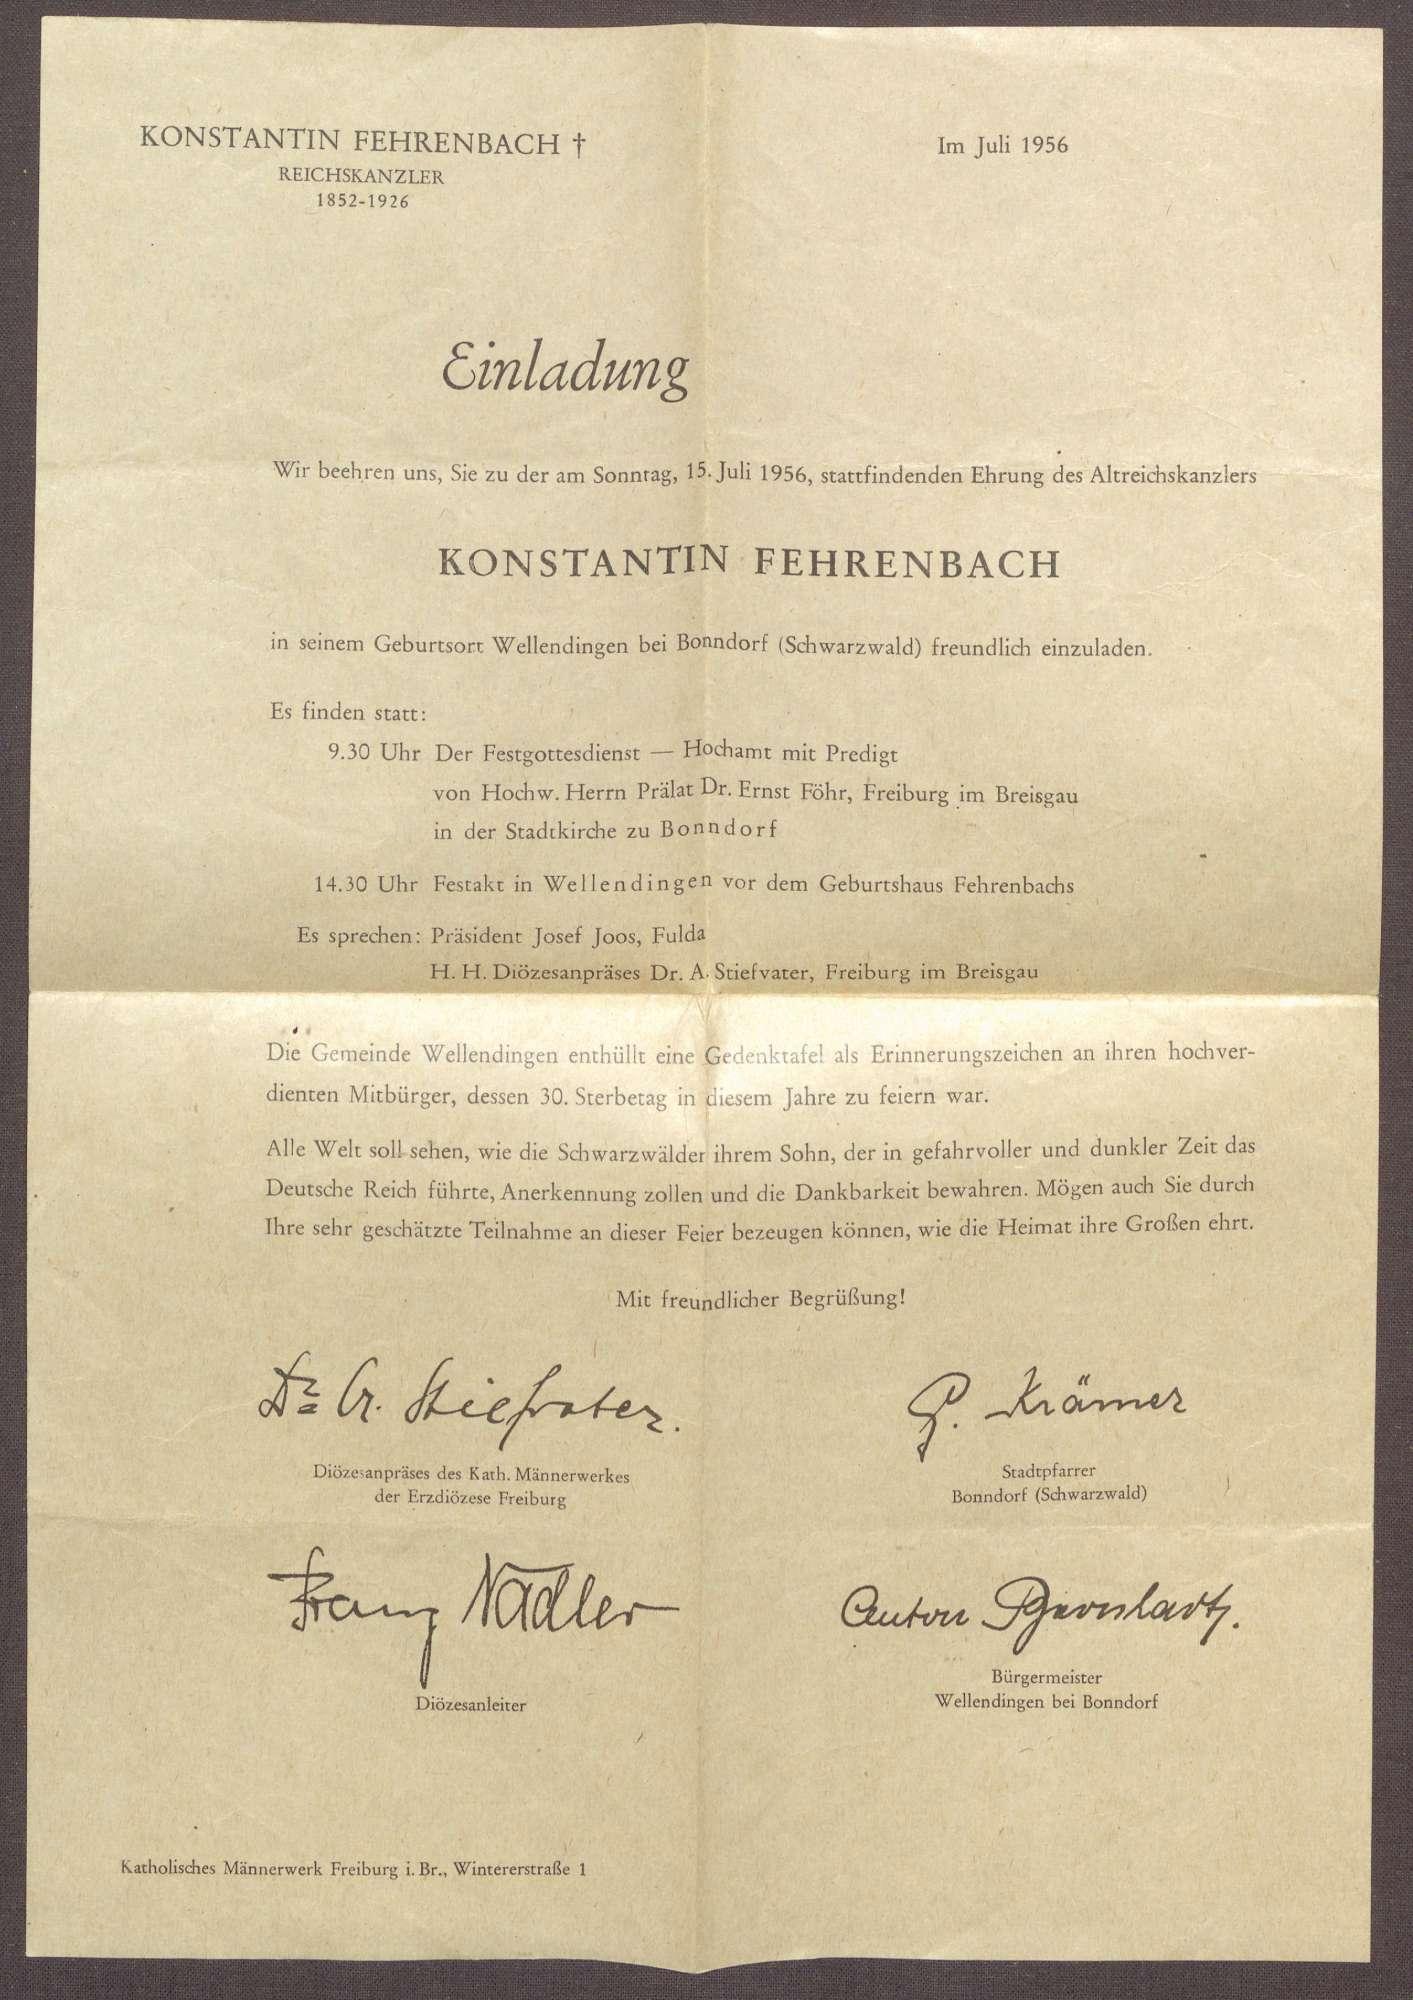 Programm zur Gedenkfeier für Constantin Fehrenbach von dessen Heimatgemeinde Wellendingen bei Bonndorf, Bild 3